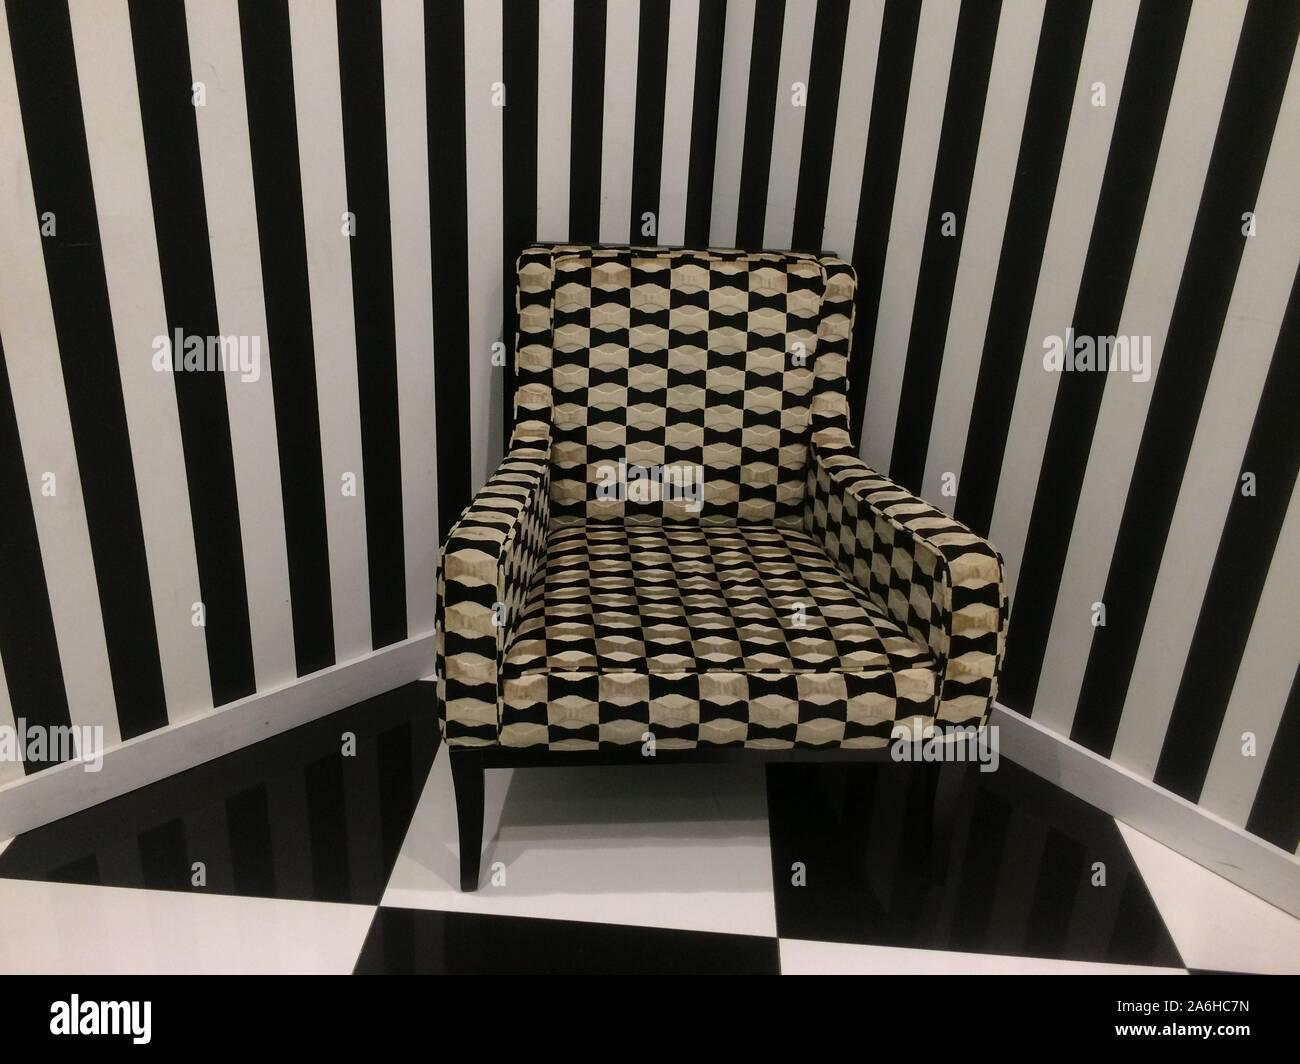 Upholstered Wallpaper Stockfotos Und Bilder Kaufen Alamy